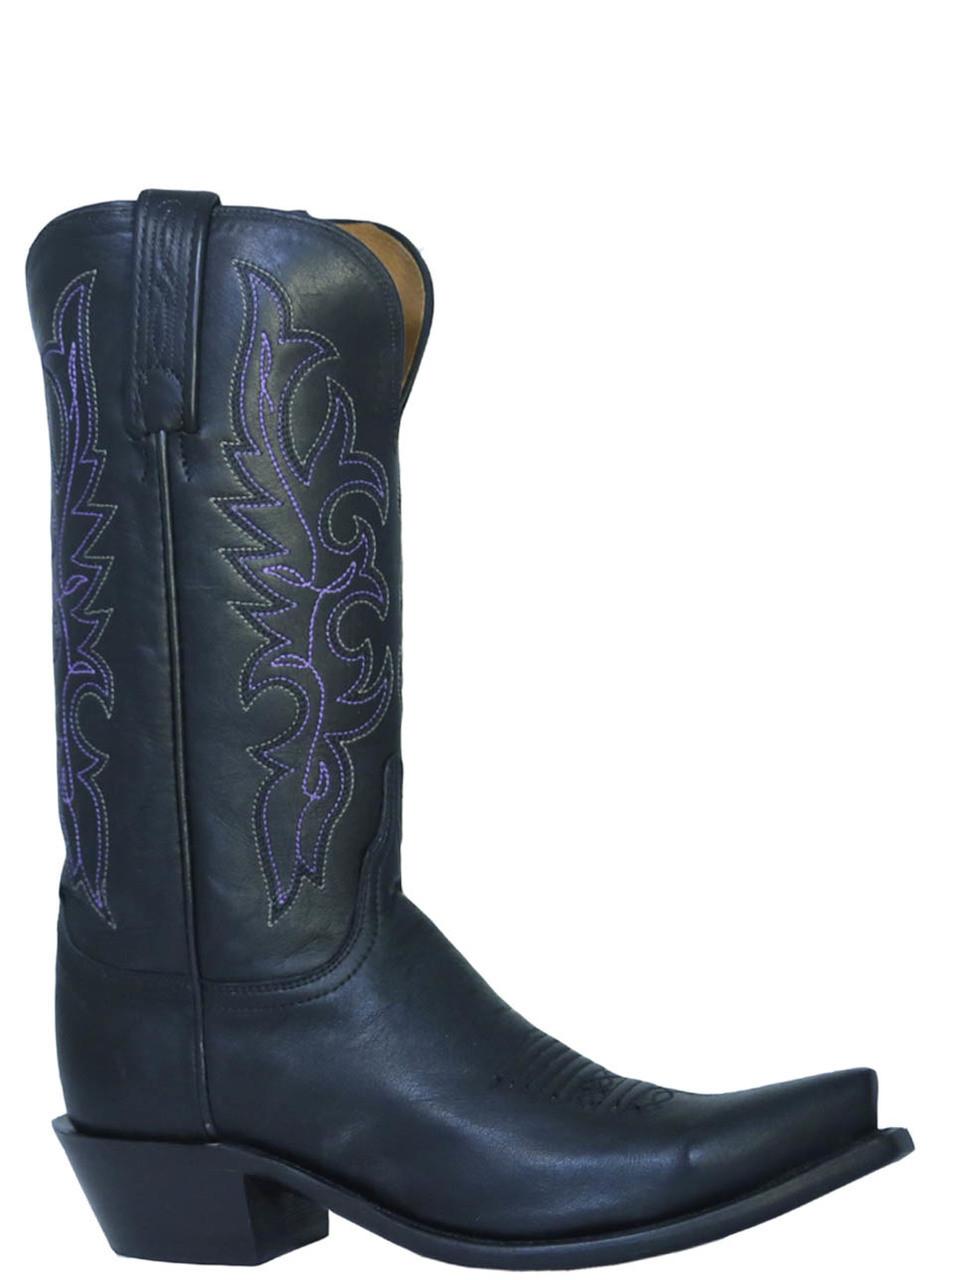 8b4cb1c2f1d Women's Lucchese 1883 NV4001.S54 Cowboy boots Black Jersey Calf